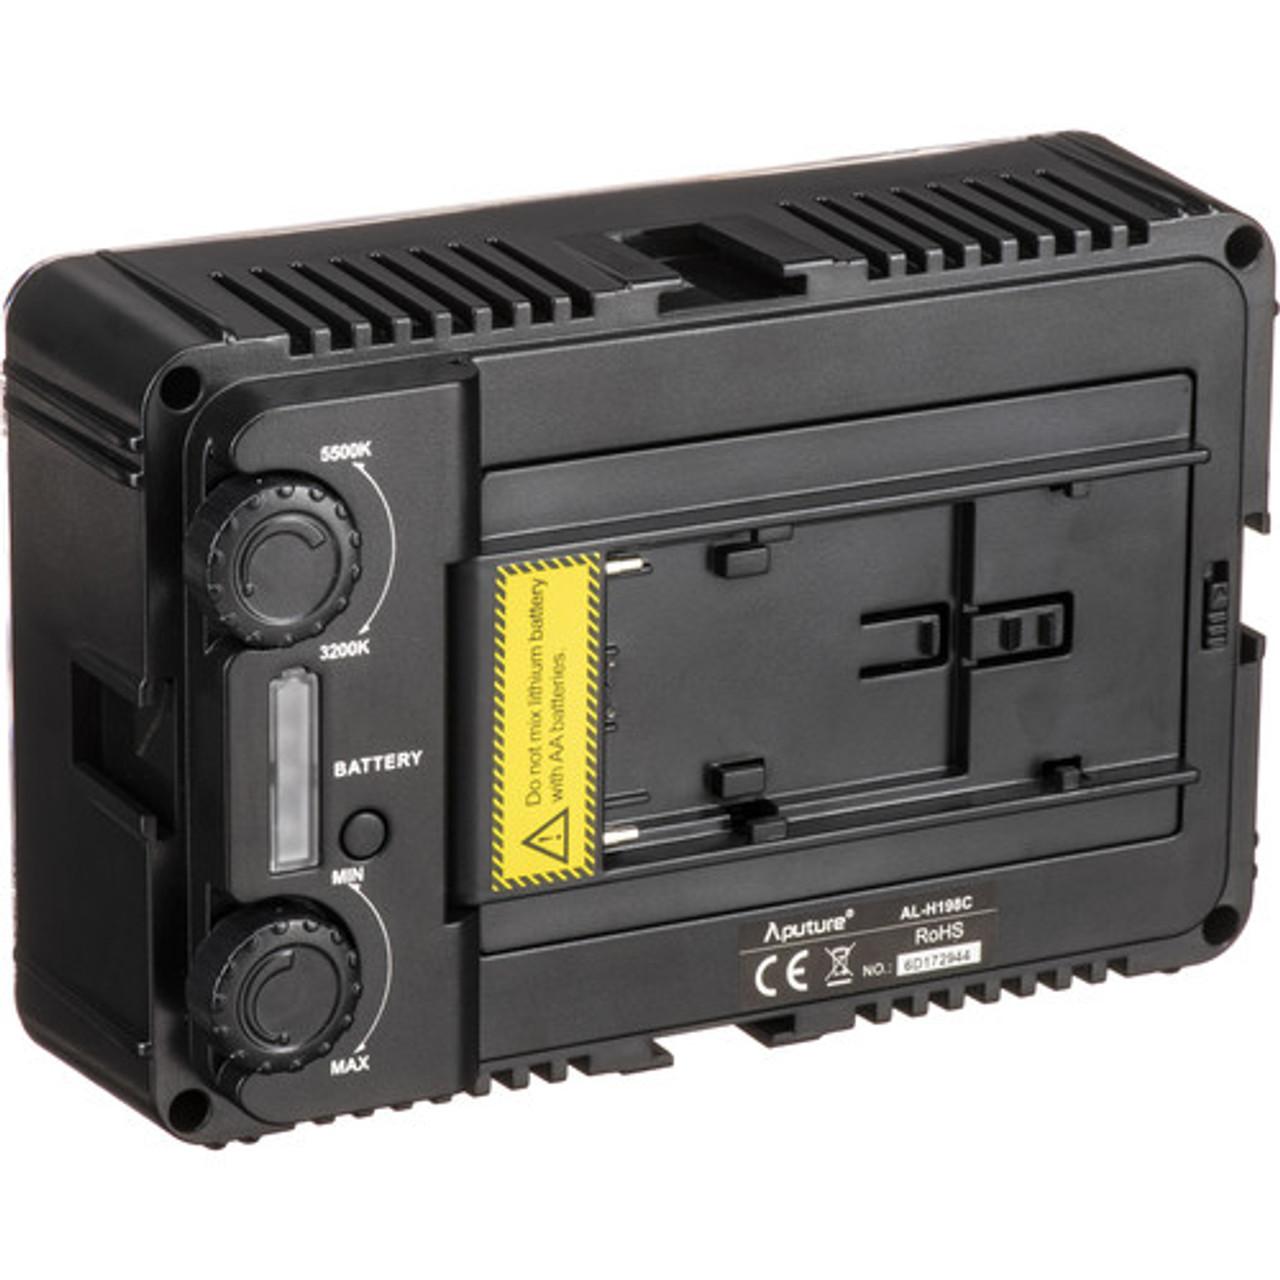 APUTURE H198C LED LIGHT